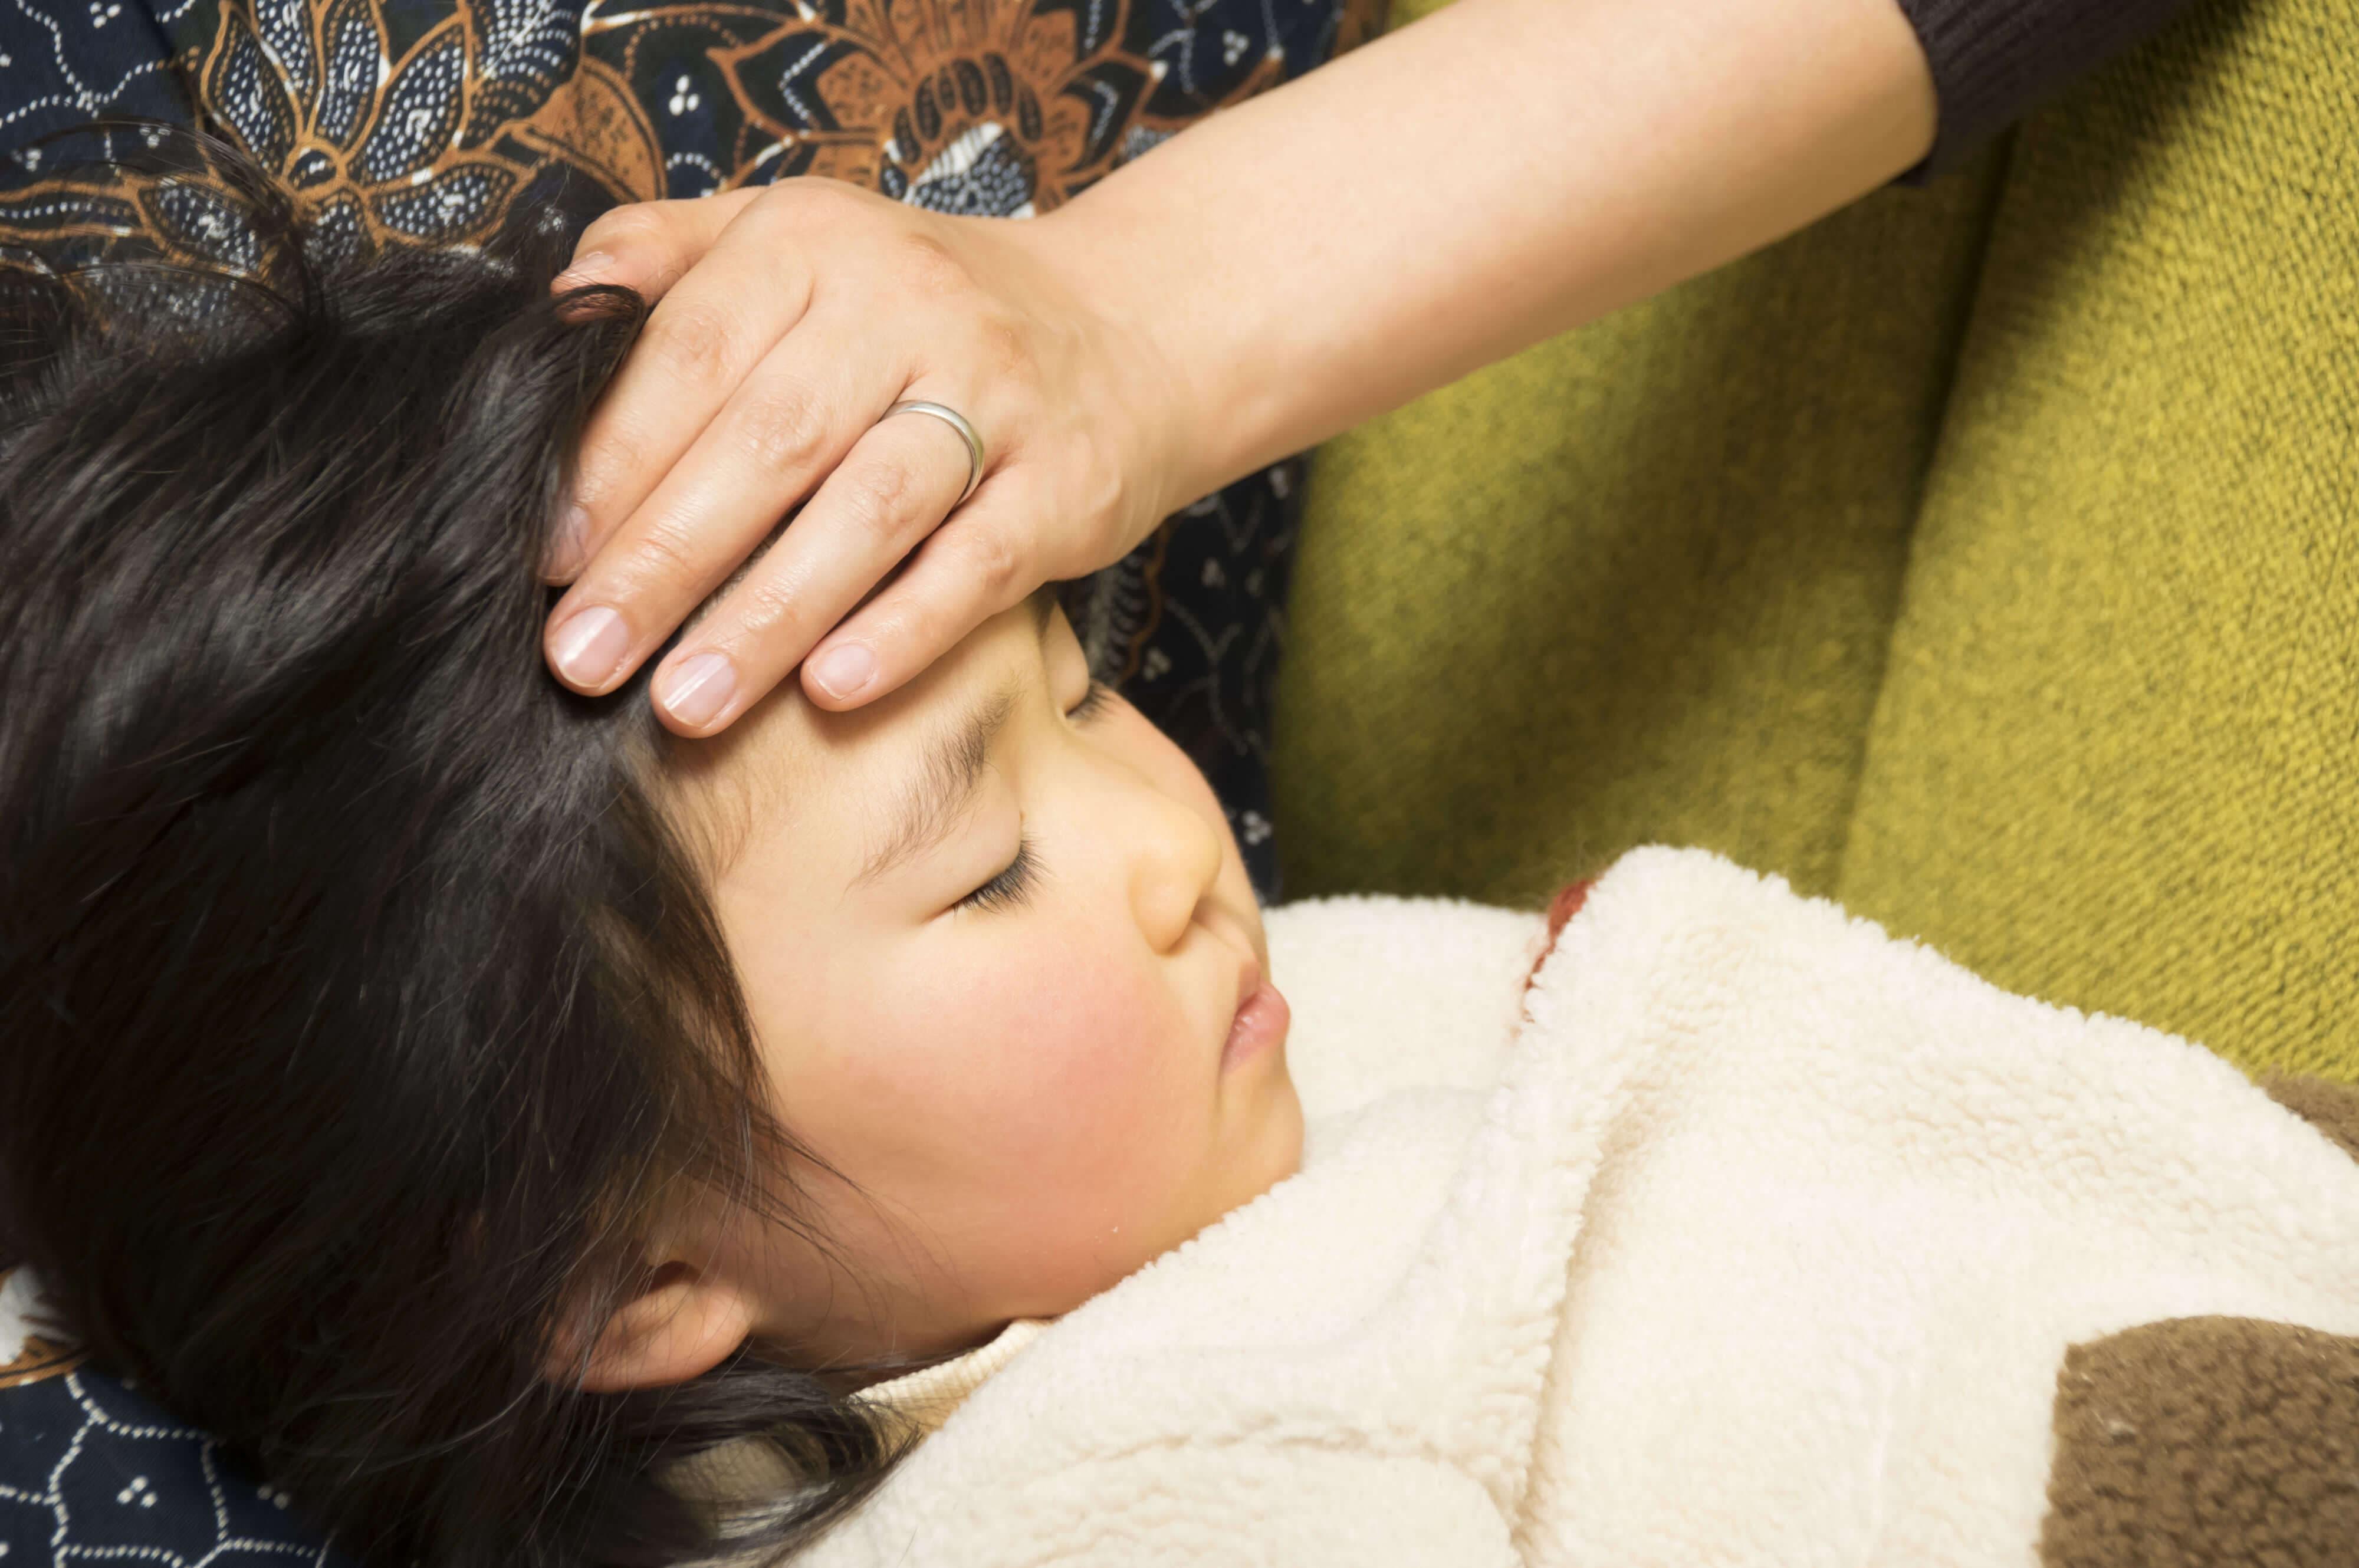 子供の急な発熱にびっくり!基礎知識と4つの対処法